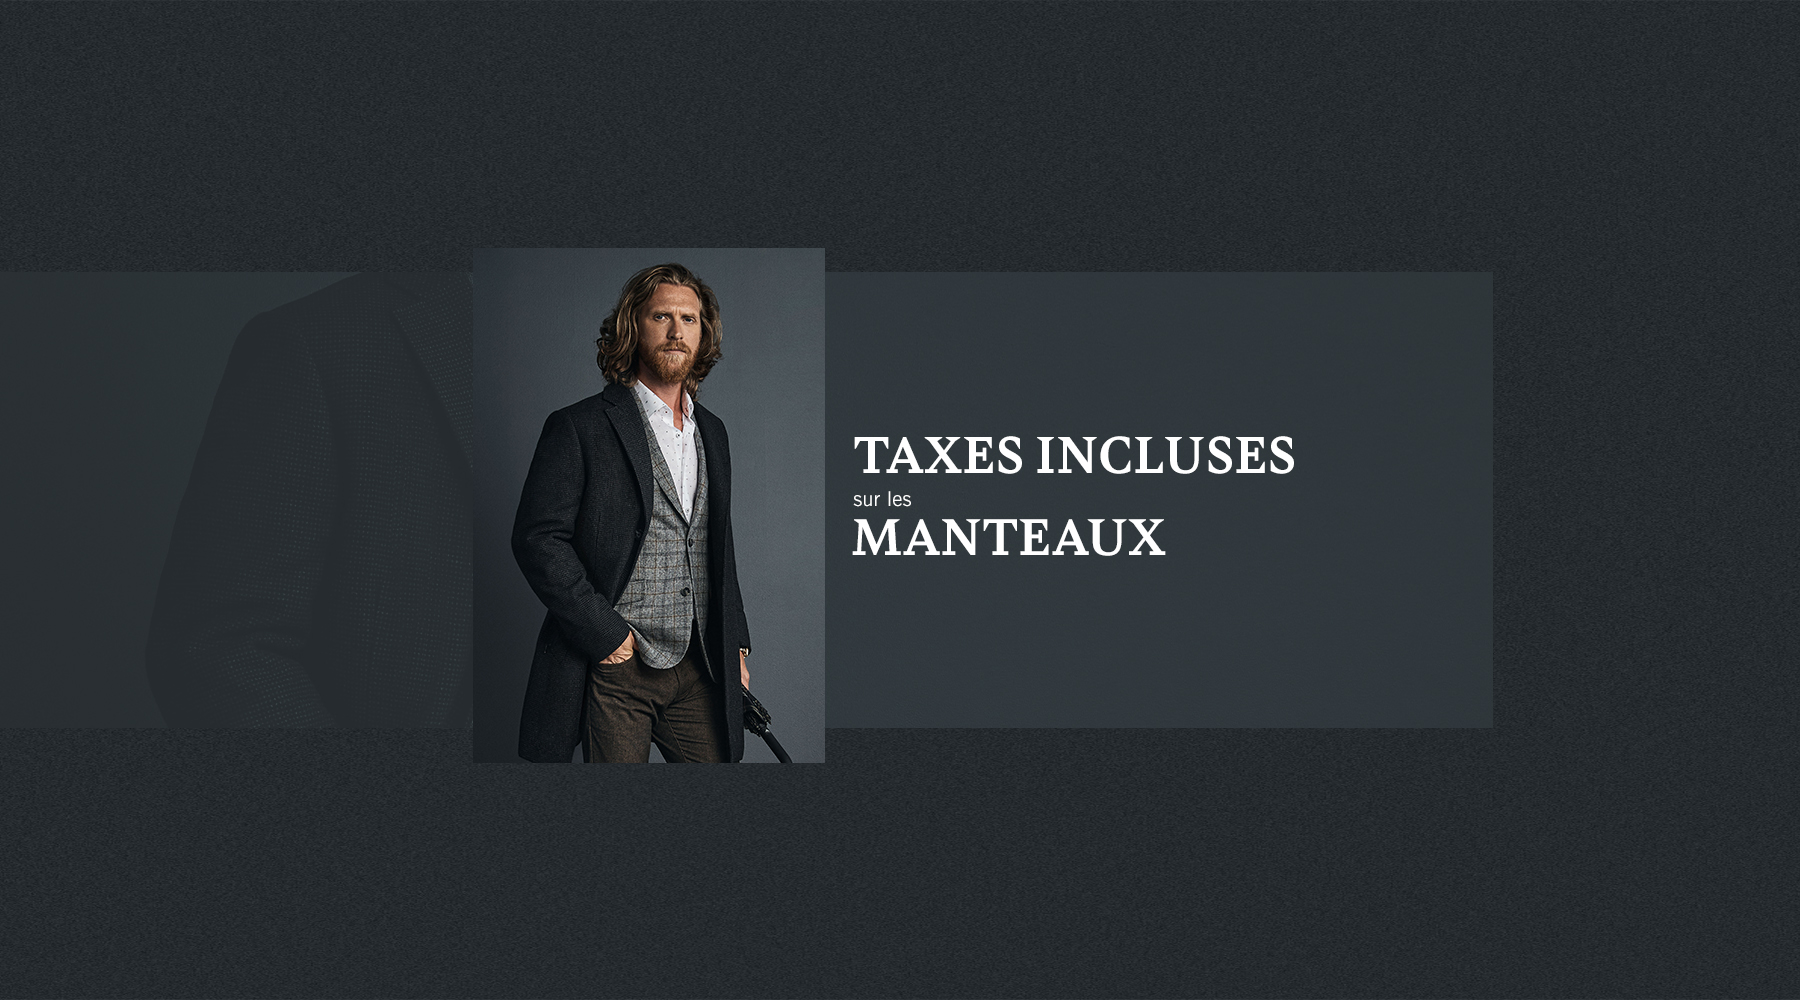 Taxes Incluses Manteaux